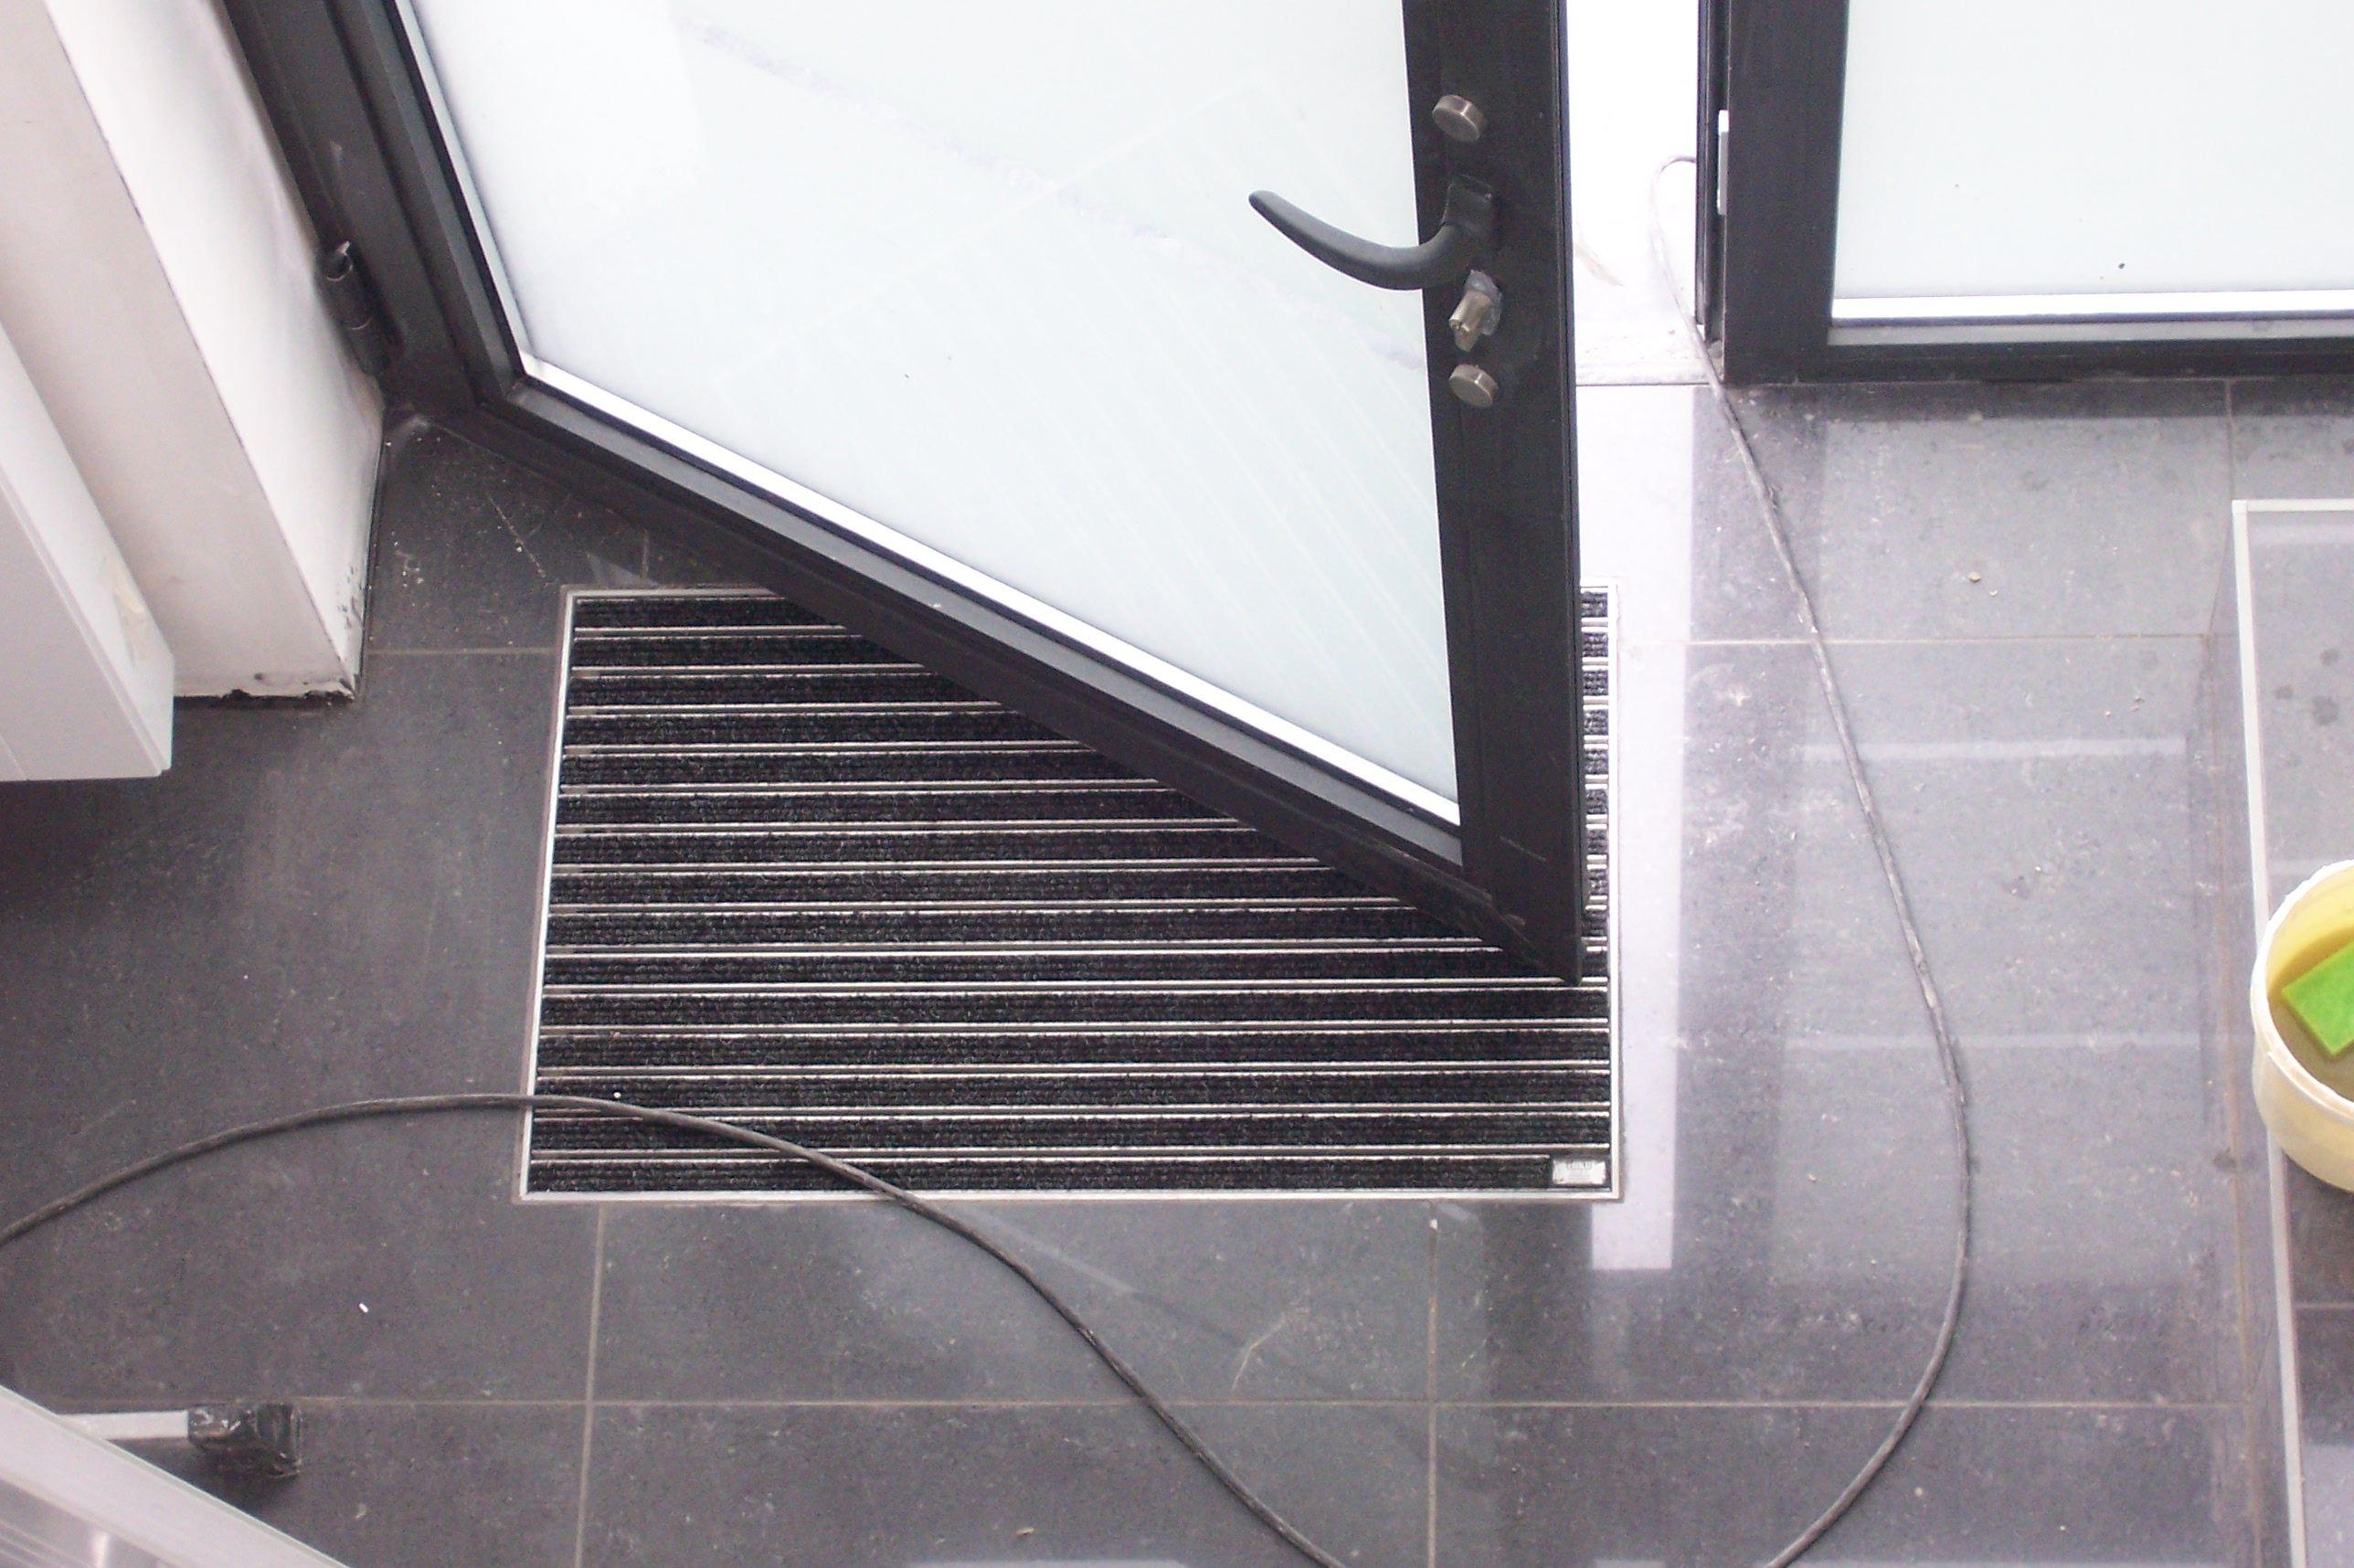 paillasson integre dans le carrelage google suche r no maison pinterest paillasson. Black Bedroom Furniture Sets. Home Design Ideas